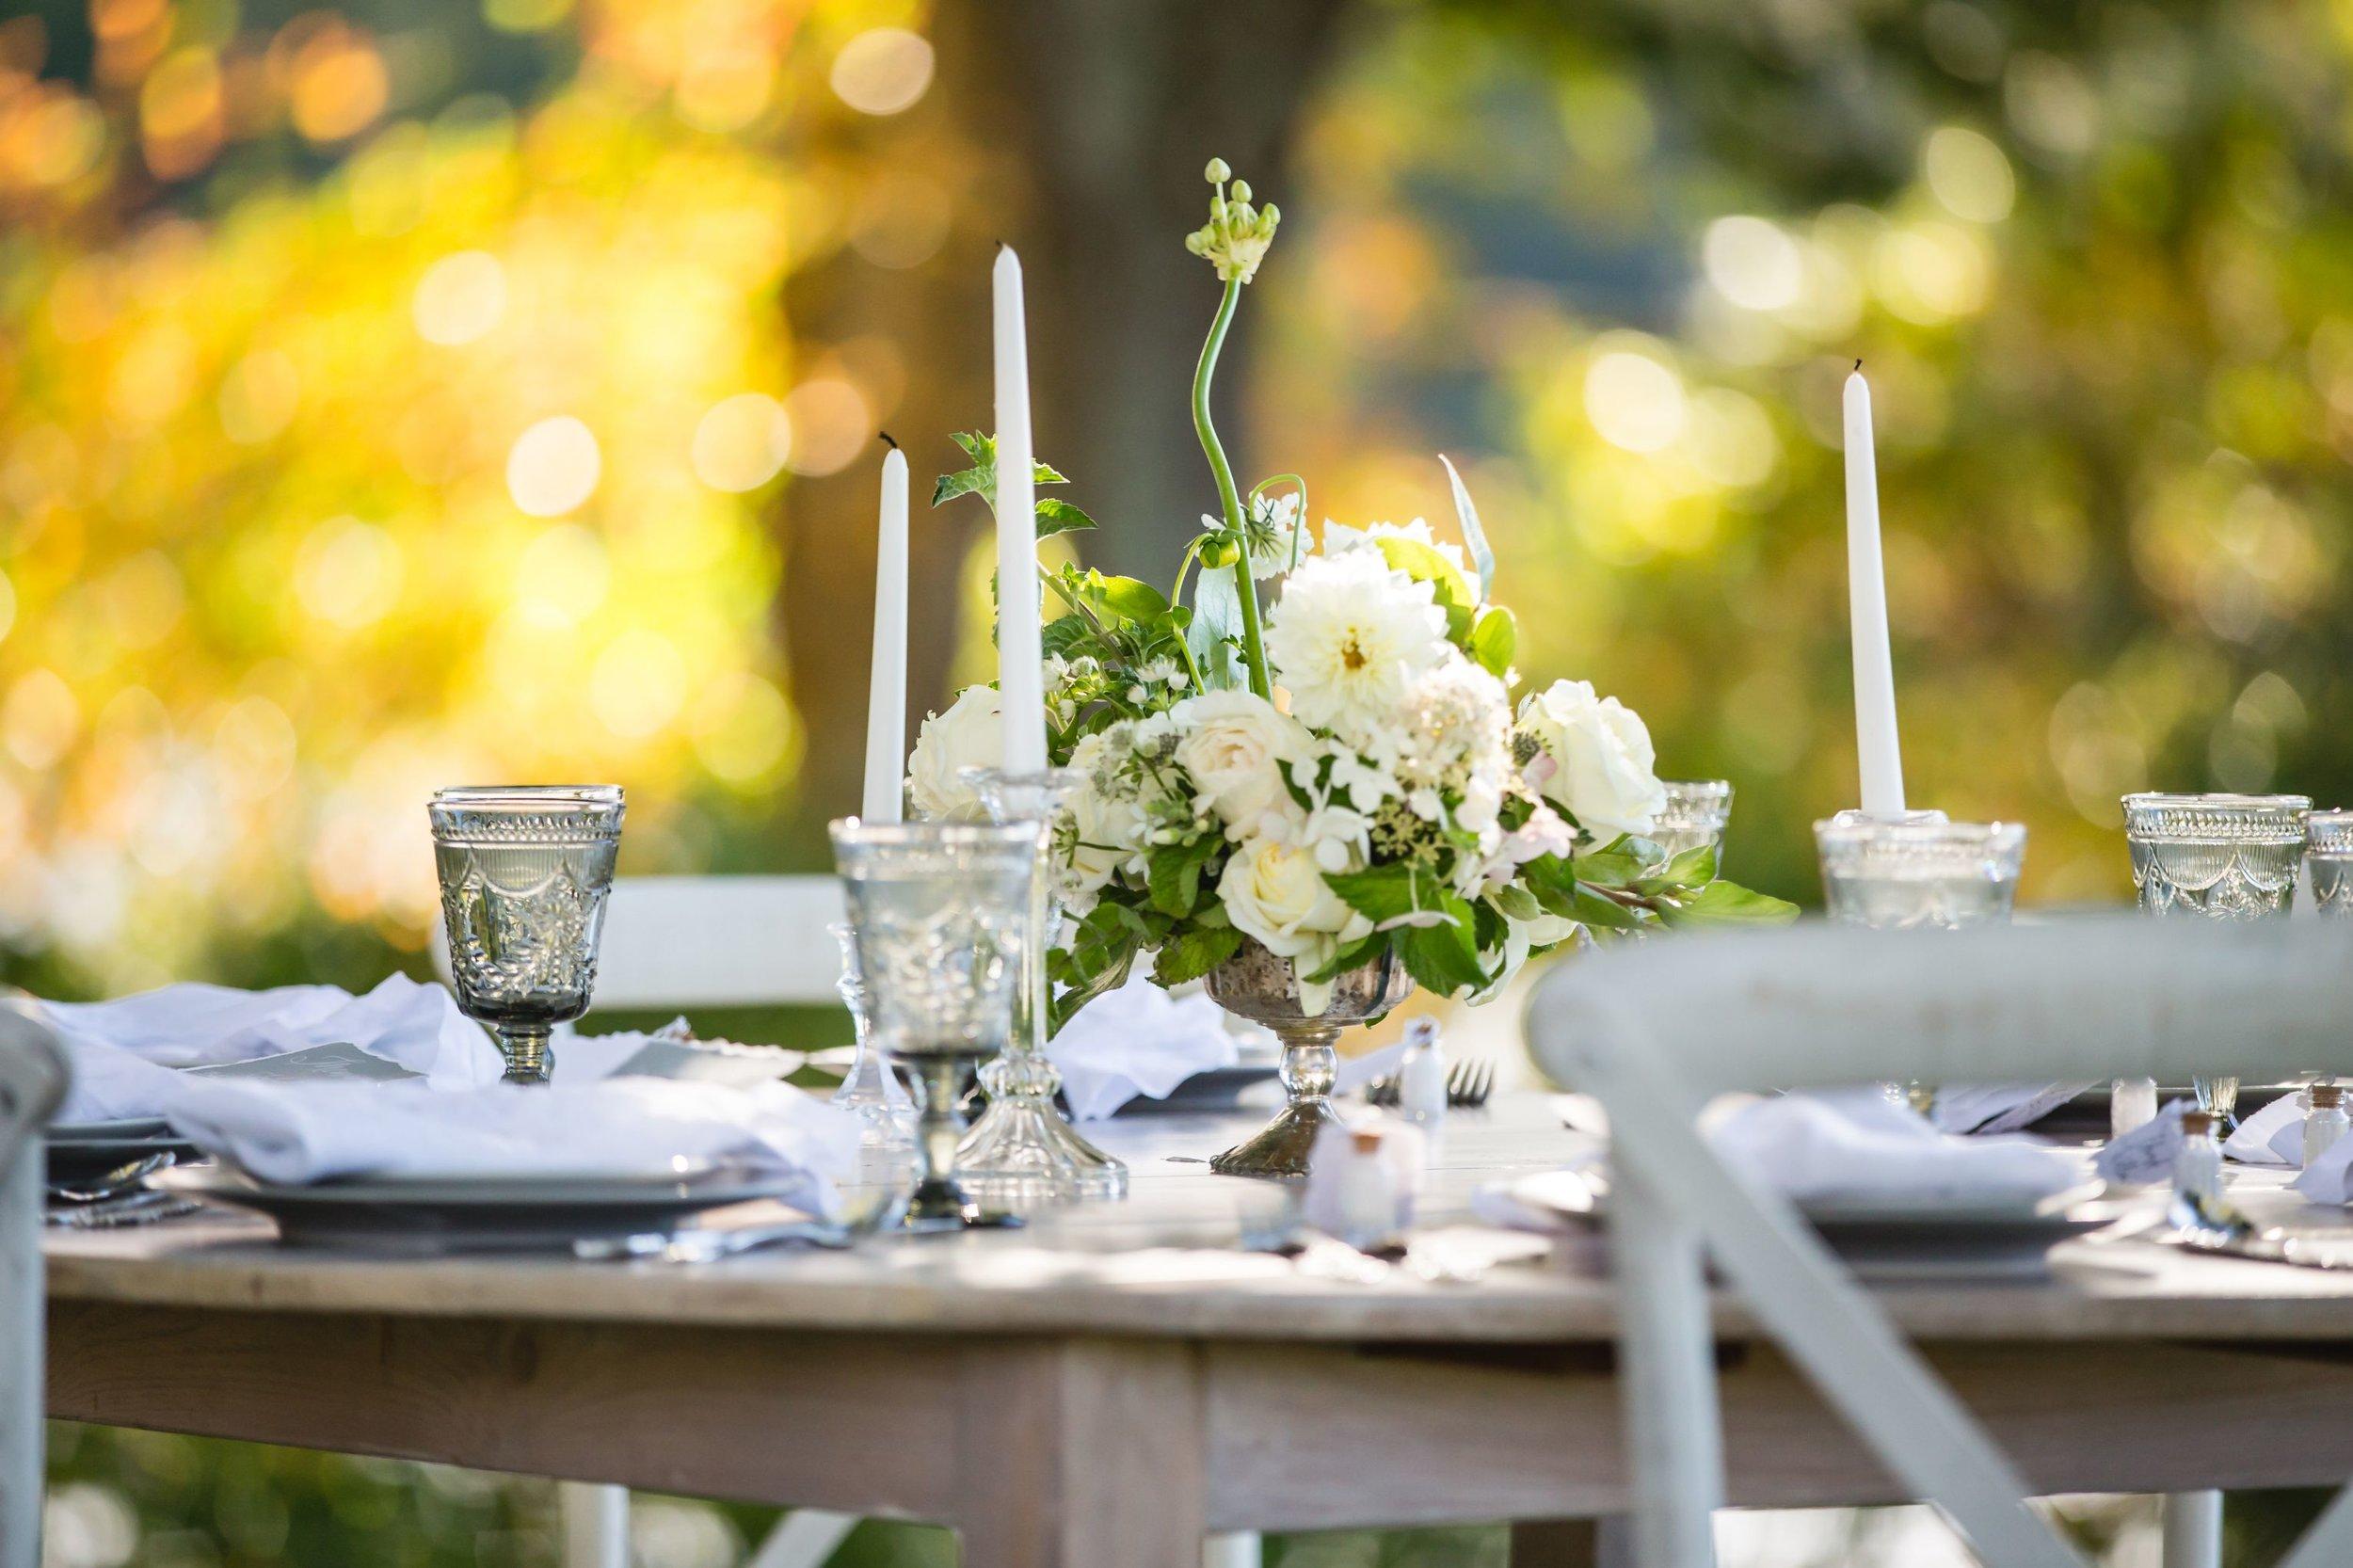 elevated-locale-bourne-farm-falmouth-wedding-daylynn-designs133.jpg